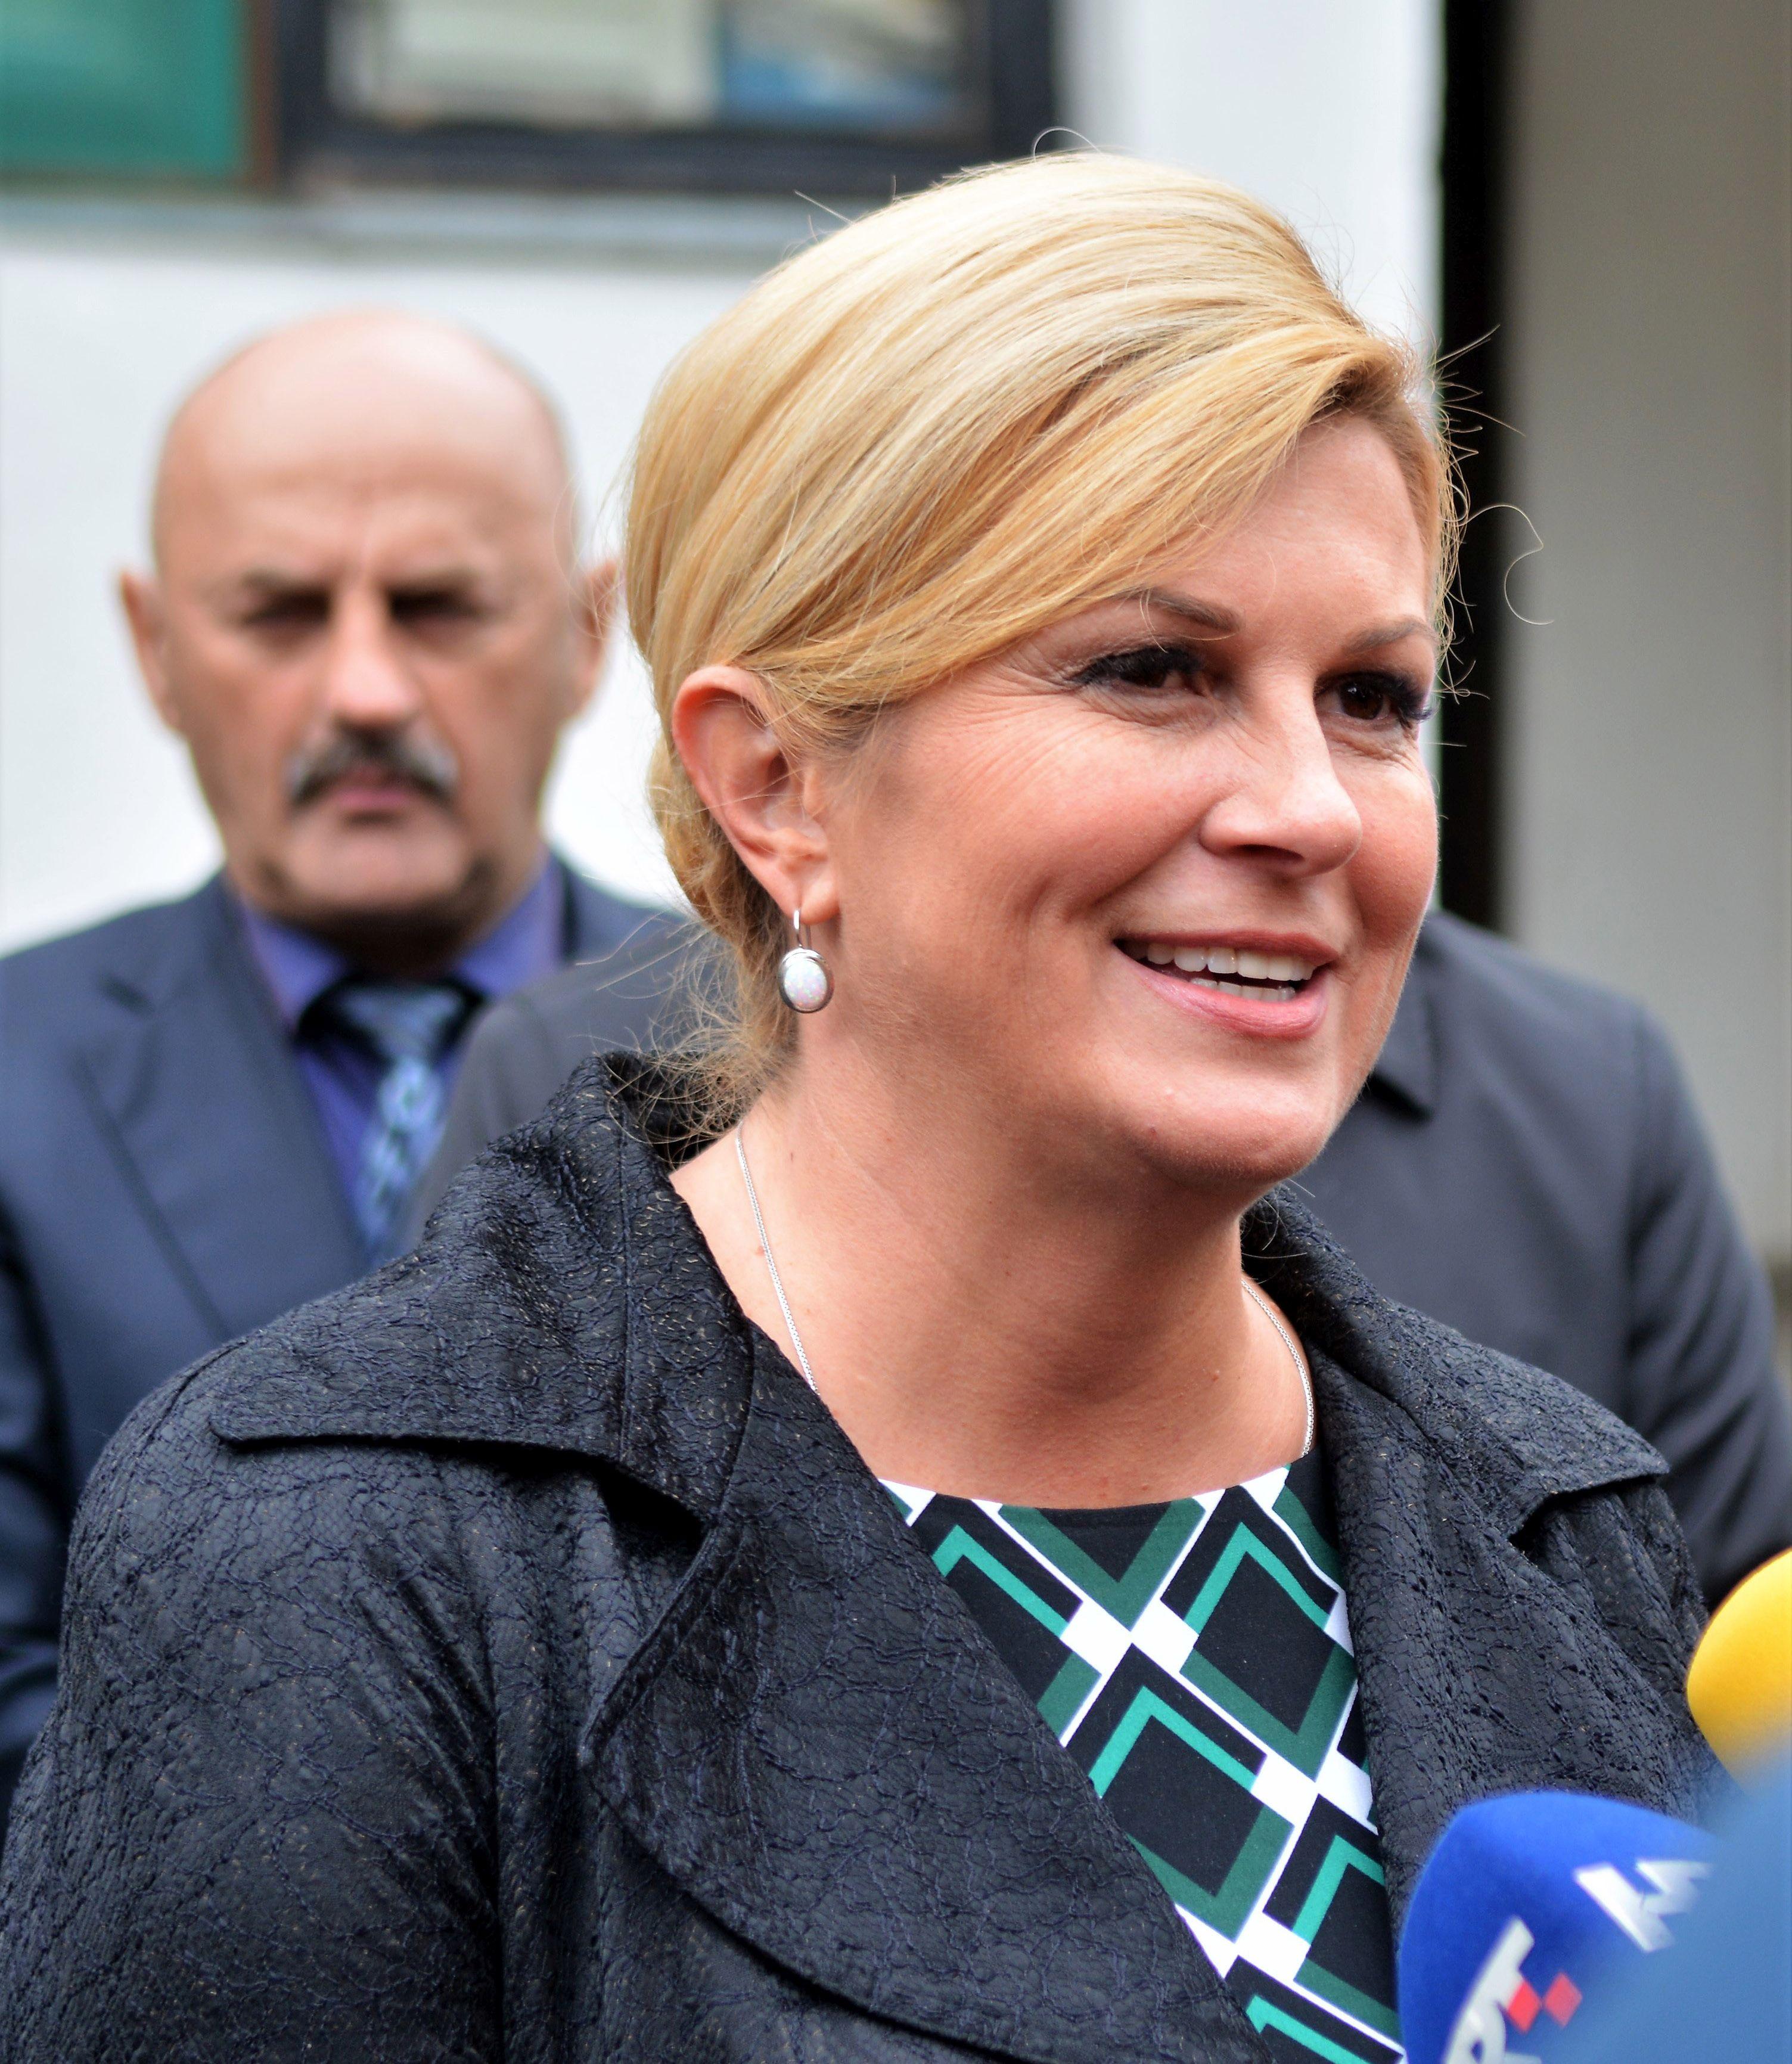 Inicijativa mladih za ljudska prava traži opoziv Grabar Kitarović